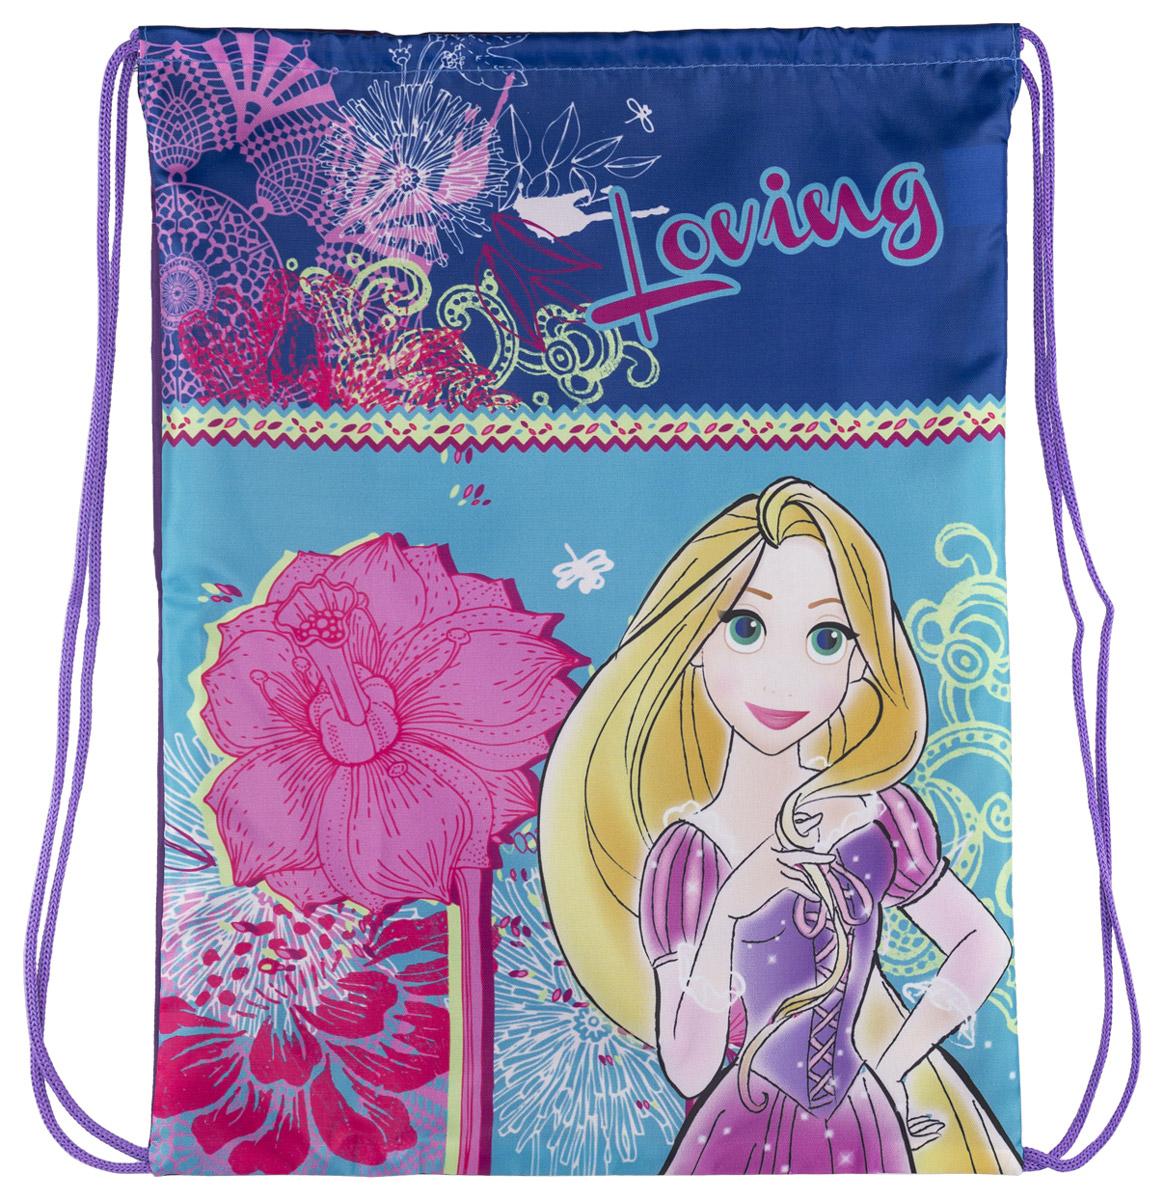 Disney Princess Сумка-рюкзак для обуви Princess цвет голубой PRCB-RT2-88037173Сумка для сменной обуви Princess идеально подойдет как для хранения, так и для переноски сменной обуви и одежды. Сумка выполнена из прочного полиэстера и содержит одно вместительное отделение, затягивается сверху шнуром-лямкой и носится как рюкзак.Оформлено изделие изображением персонажа мультфильма Princess.